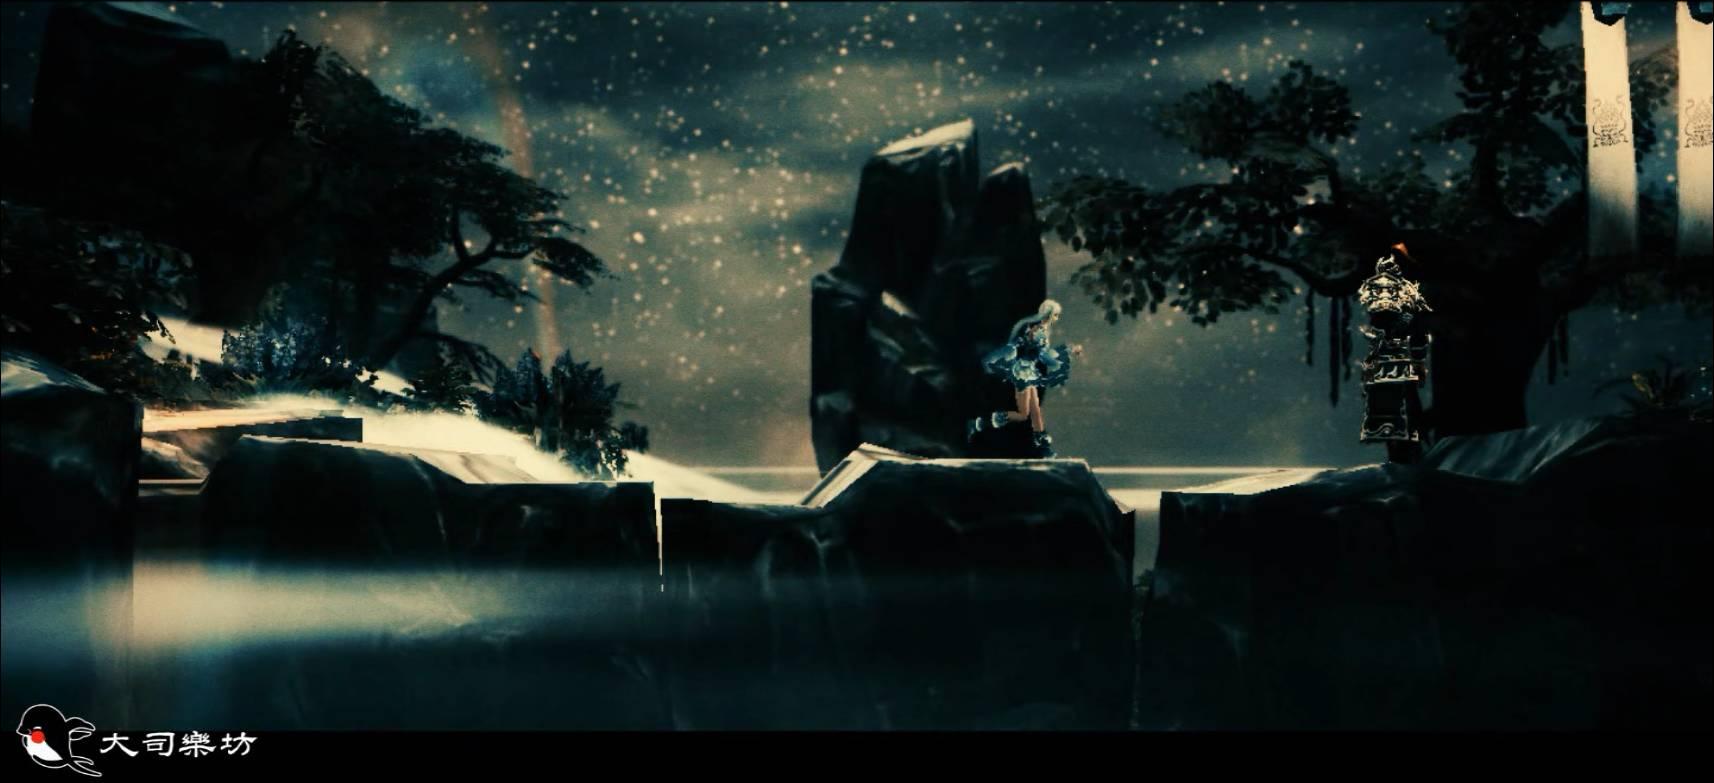 祁言 作曲/编曲/混音:亦乐 视频:无心指尖(步步生莲-沙洲月) 二胡:柠图片